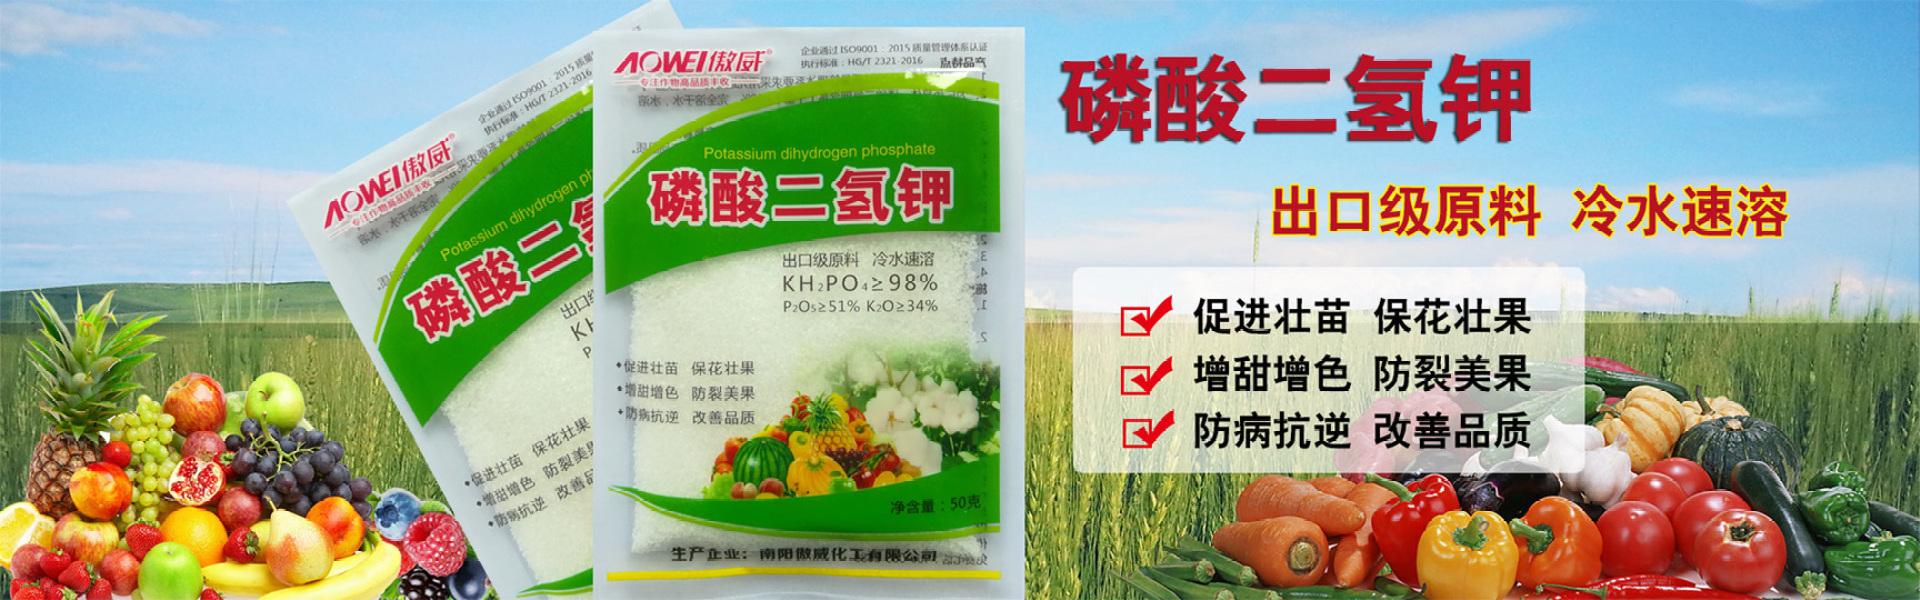 磷肥主要的作用就是促進枝幹的營養吸收,增加植物的抗逆性,想要植物更加的茁壯,就必須讓土壤裡含有充足的磷肥。磷肥也是促使花芽分化的主要成分,就是在植物開花之前,可以給植物花卉噴霧,大約7天一次,連續三次。如果是灌根大約半月一次,連續兩次。基本就能夠植株開花了。鉀肥是根系發育生長,以及增加果實質量的養分。在植物的果實的成熟期,以及果實成熟之後,都需要施鉀肥,來養護根系。